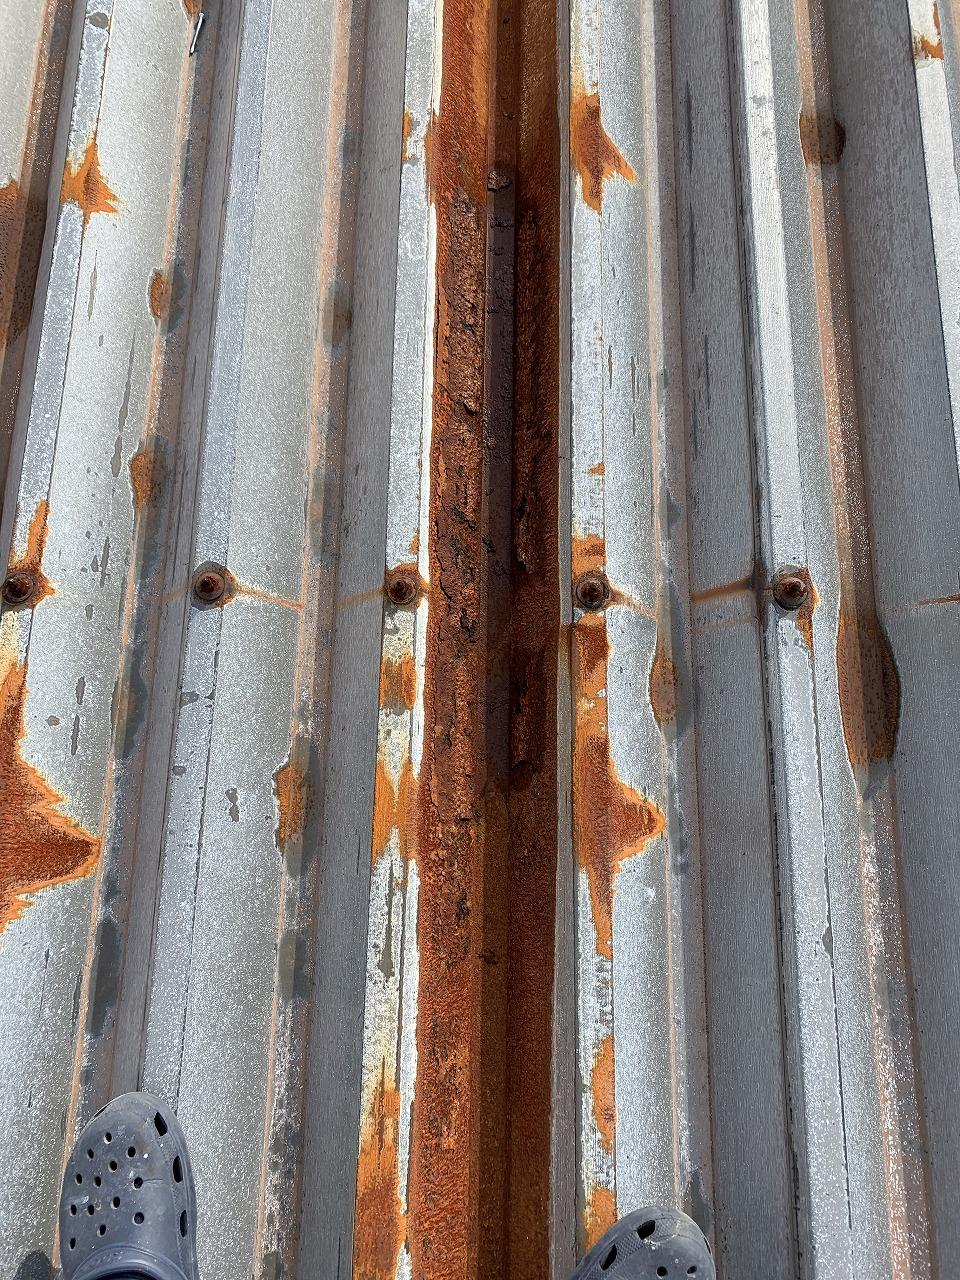 K様折版屋根遮熱塗装工事